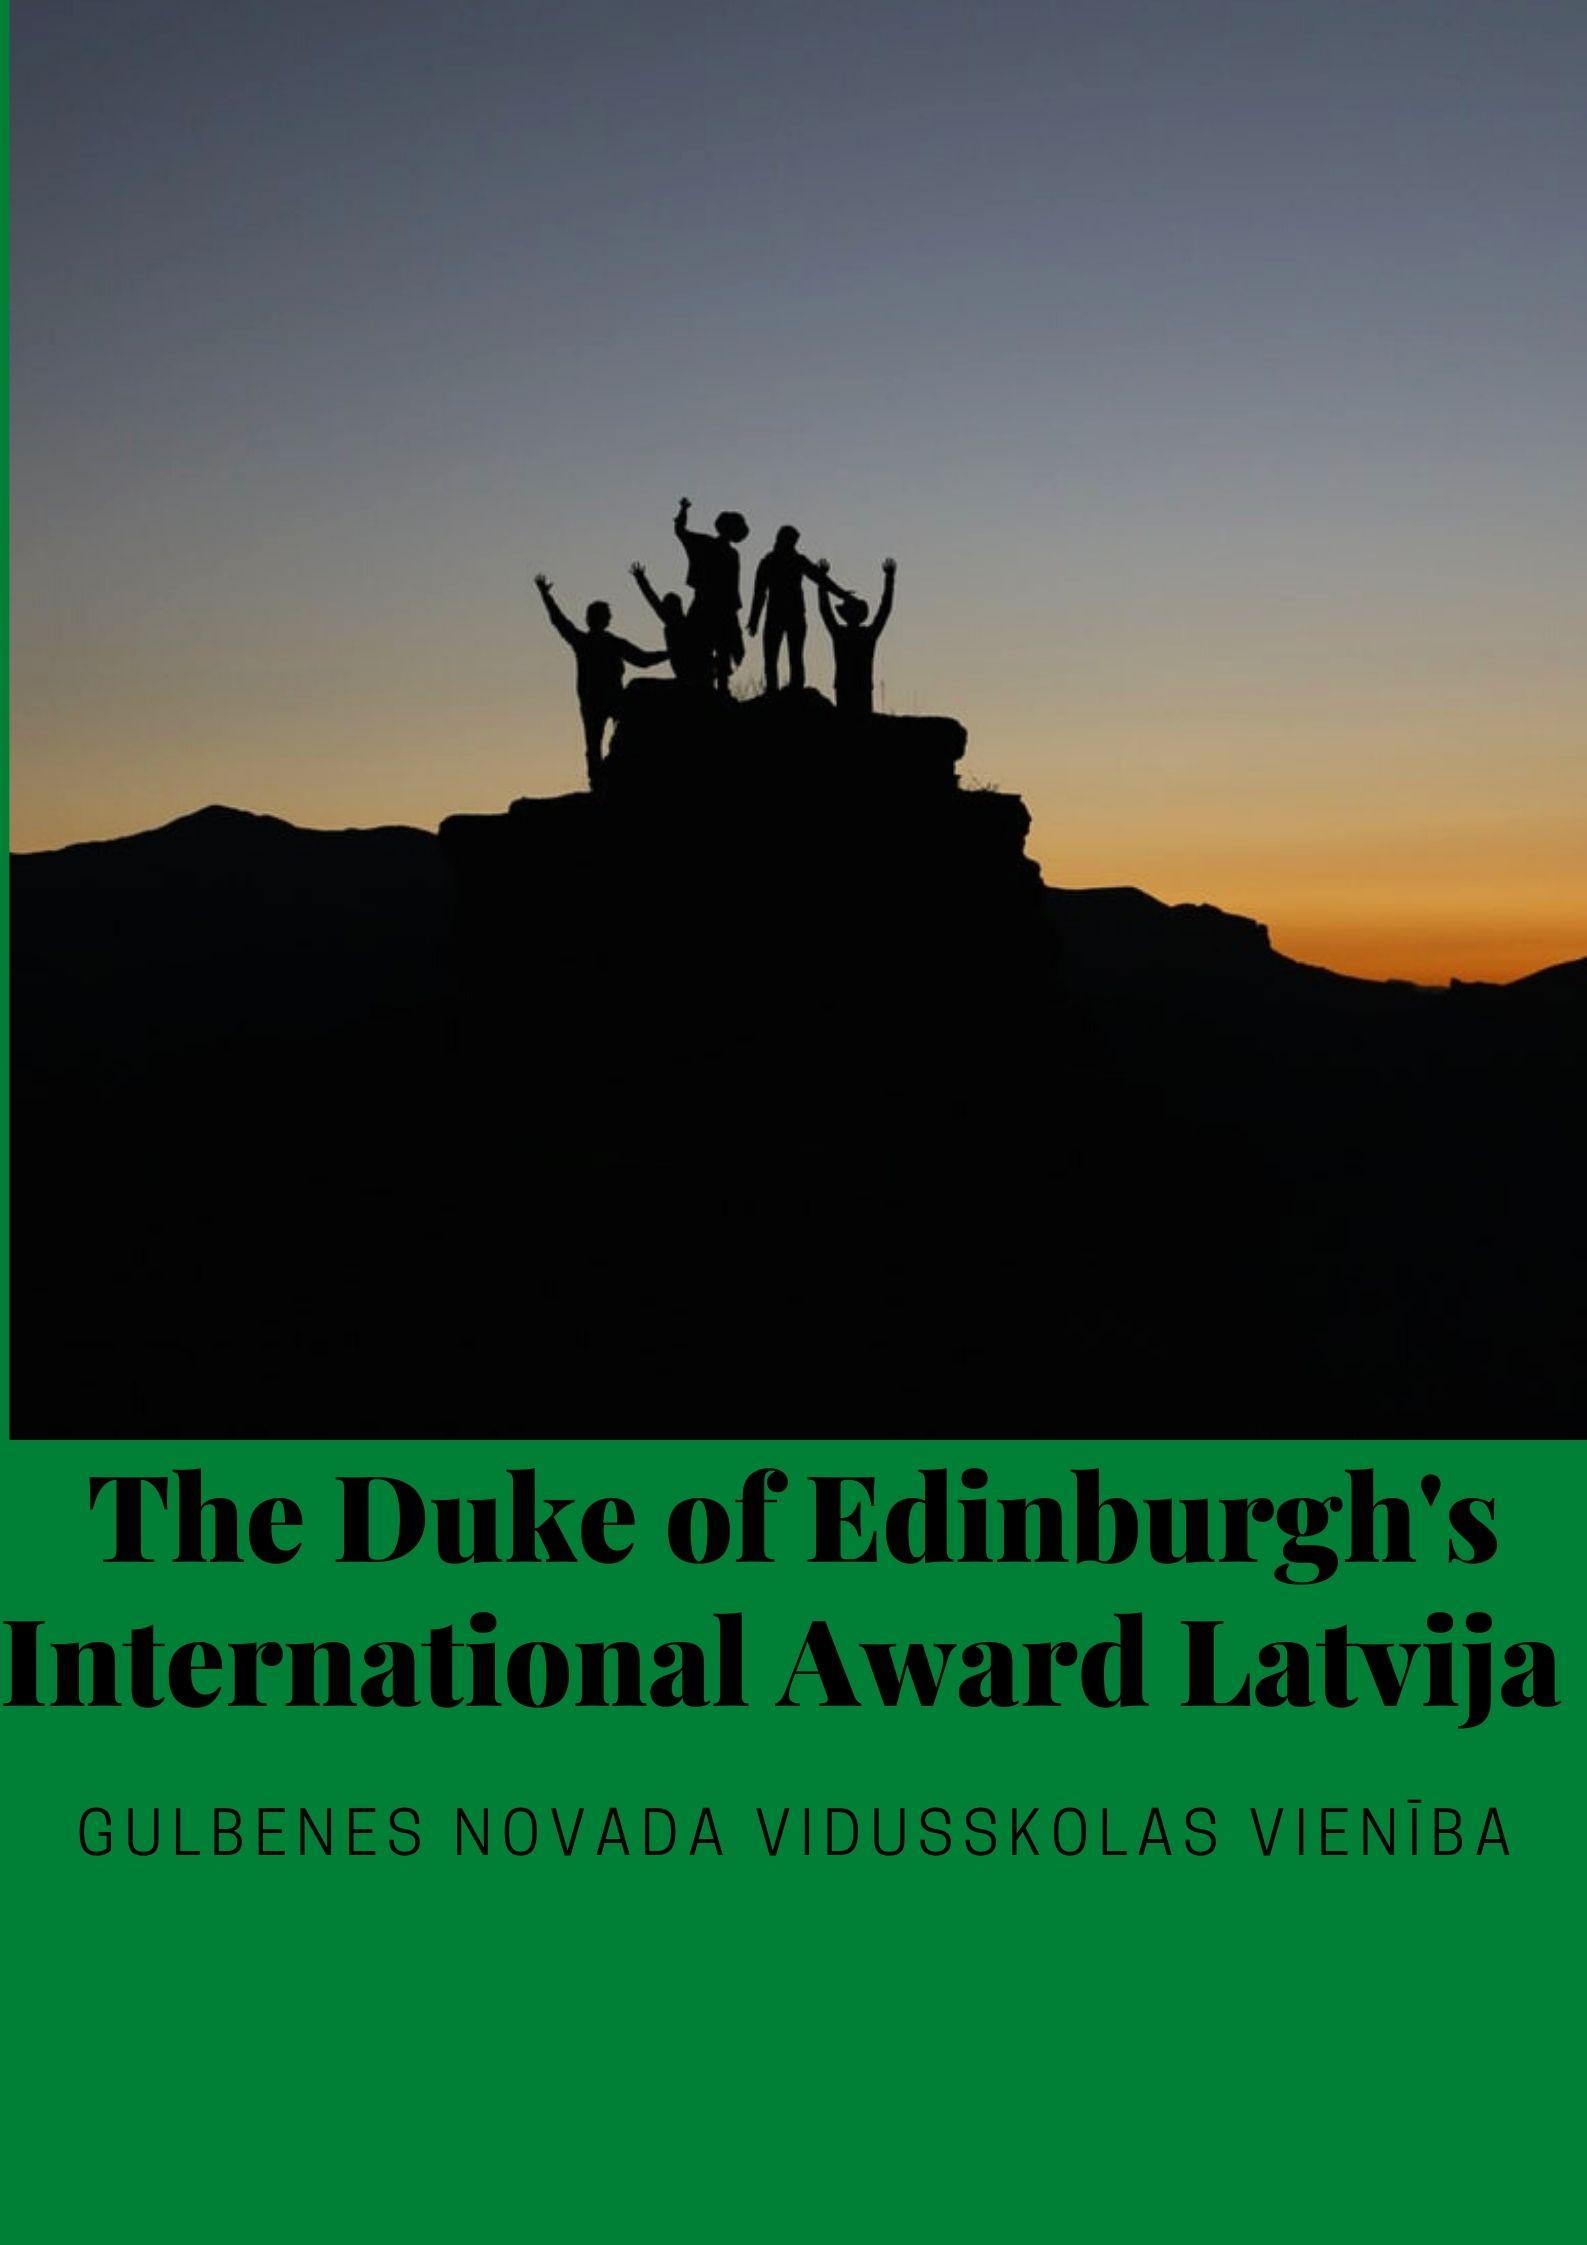 The Duke of Edinburgh's International Award Latvija Gulbenes novada vidusskolas jauniešu paveiktais (Award vadītāja Arta Katane)